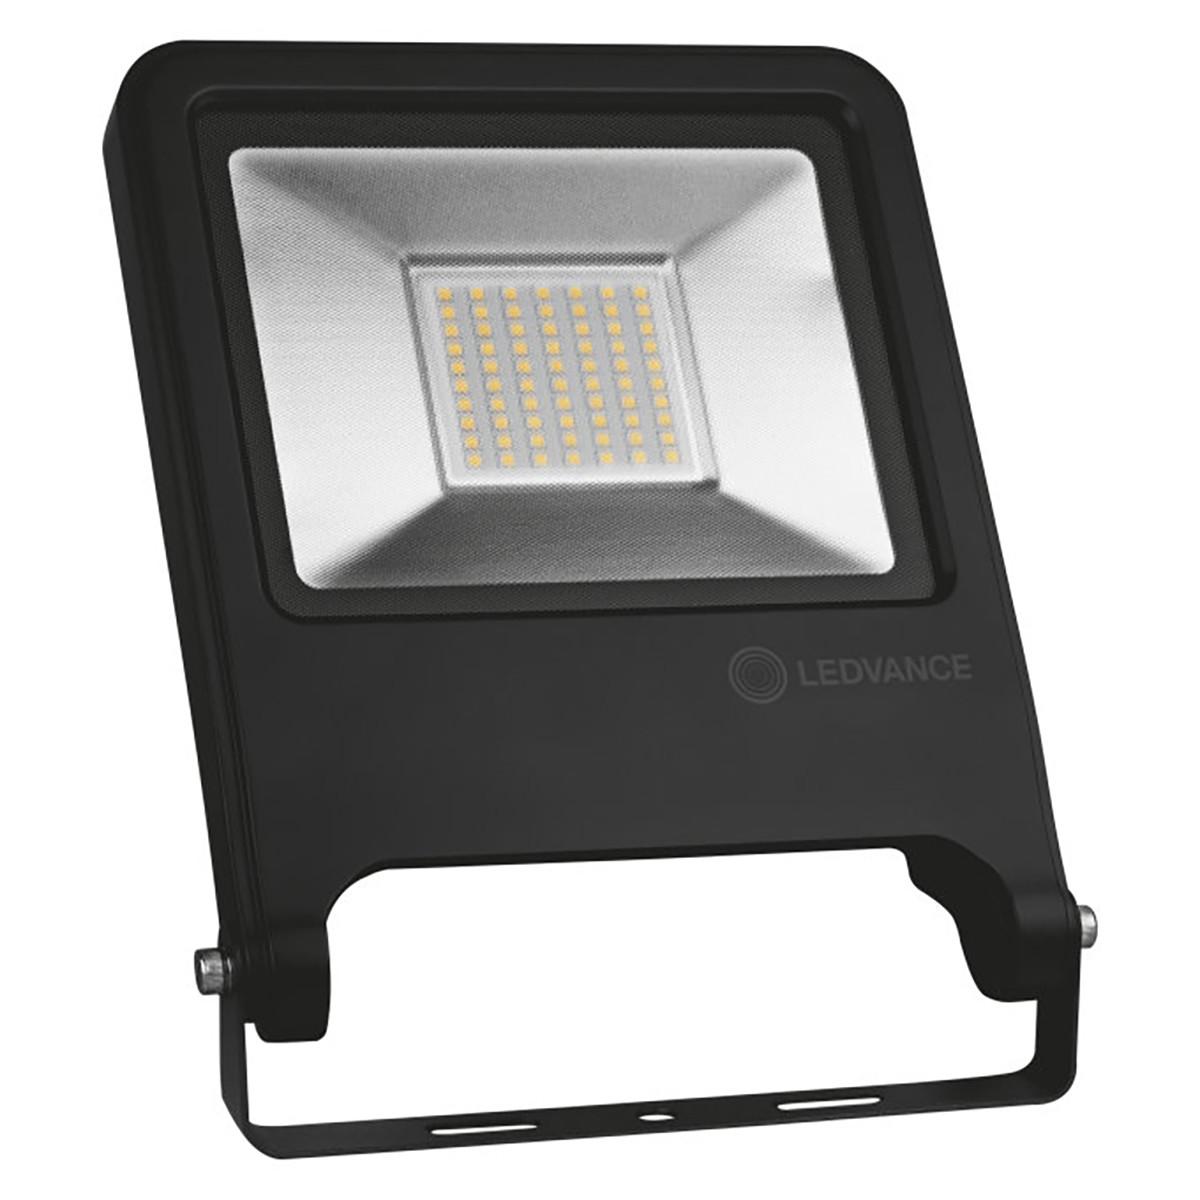 OSRAM - LEDVANCE - LED Breedstraler 50 Watt - LED Schijnwerper - Natuurlijk Wit 4000K - Waterdicht I